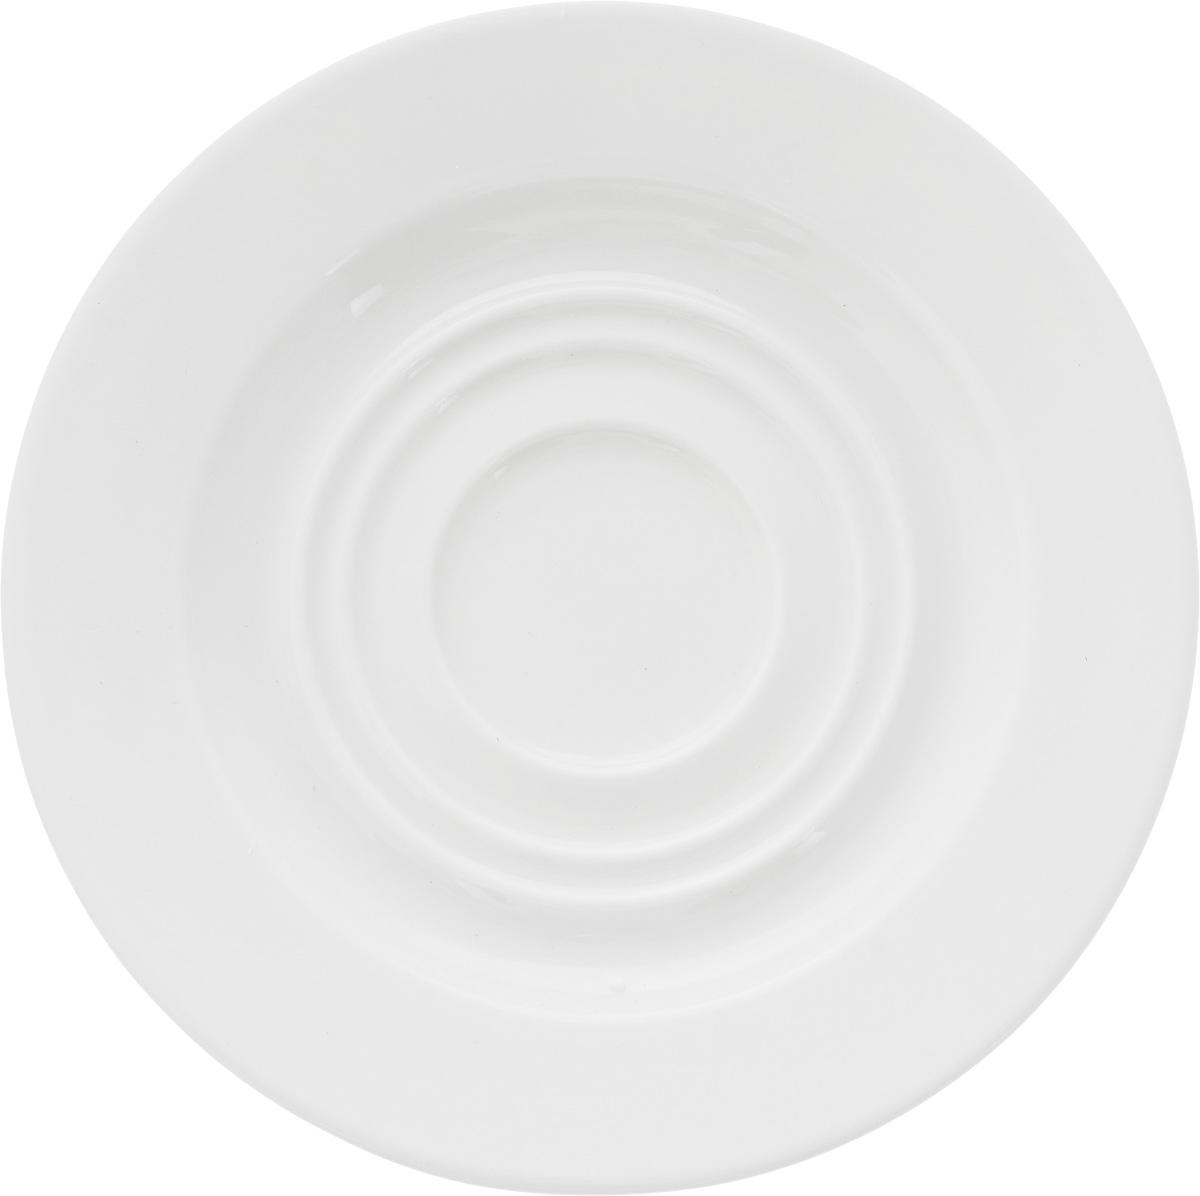 Блюдце Ariane Прайм, диаметр 14,5 см115510Оригинальное блюдце Ariane Прайм изготовлено из фарфора с глазурованным покрытием. Изделие сочетает в себе классический дизайн с максимальной функциональностью. Блюдце прекрасно впишется в интерьер вашей кухни и станет достойным дополнением к кухонному инвентарю. Можно мыть в посудомоечной машине и использовать в микроволновой печи.Диаметр блюдца (по верхнему краю): 14,5 см.Высота блюдца: 2 см.